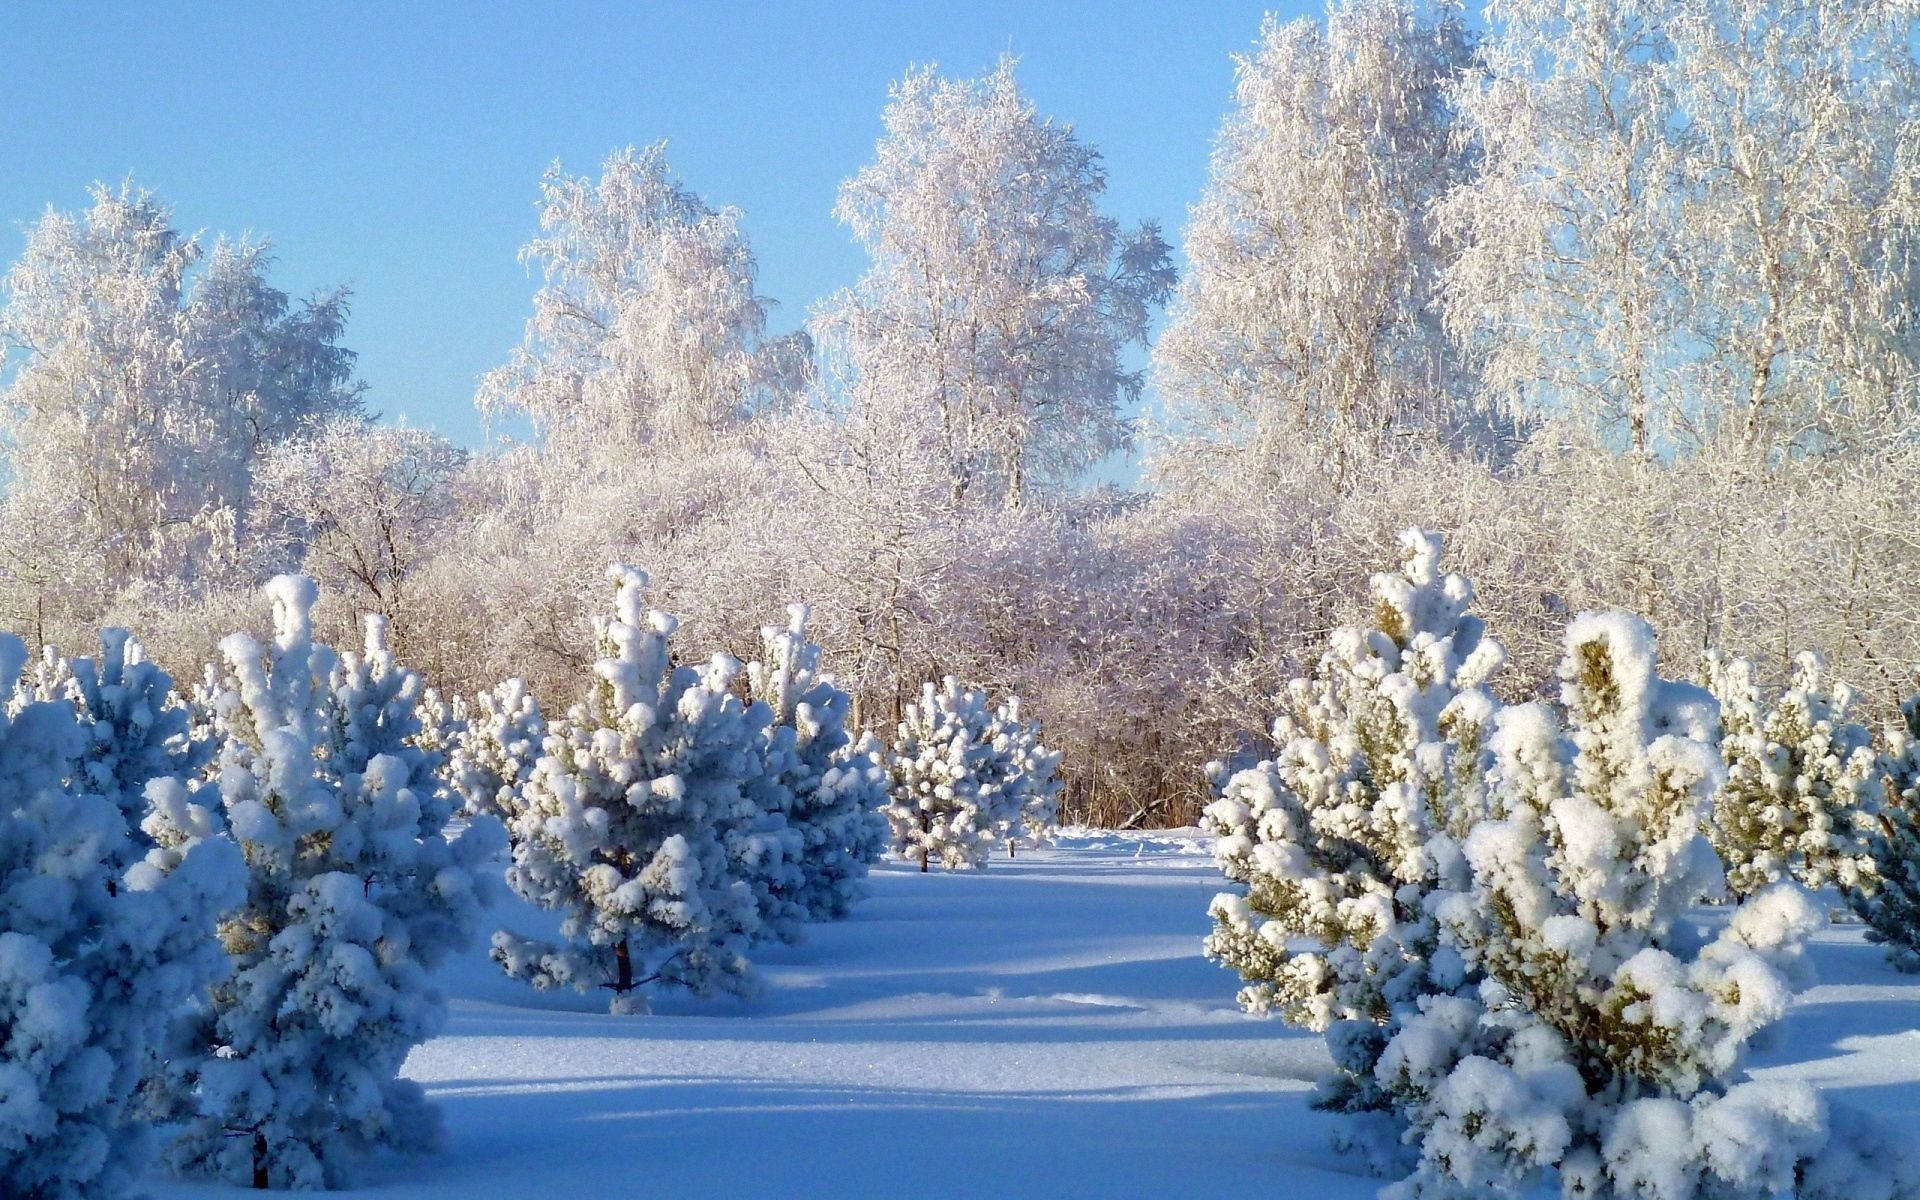 92240 скачать обои Зима, Природа, Деревья, Снег, Белый, Иней, Седина, Сугробы, Молодняк, Ели, Покров - заставки и картинки бесплатно